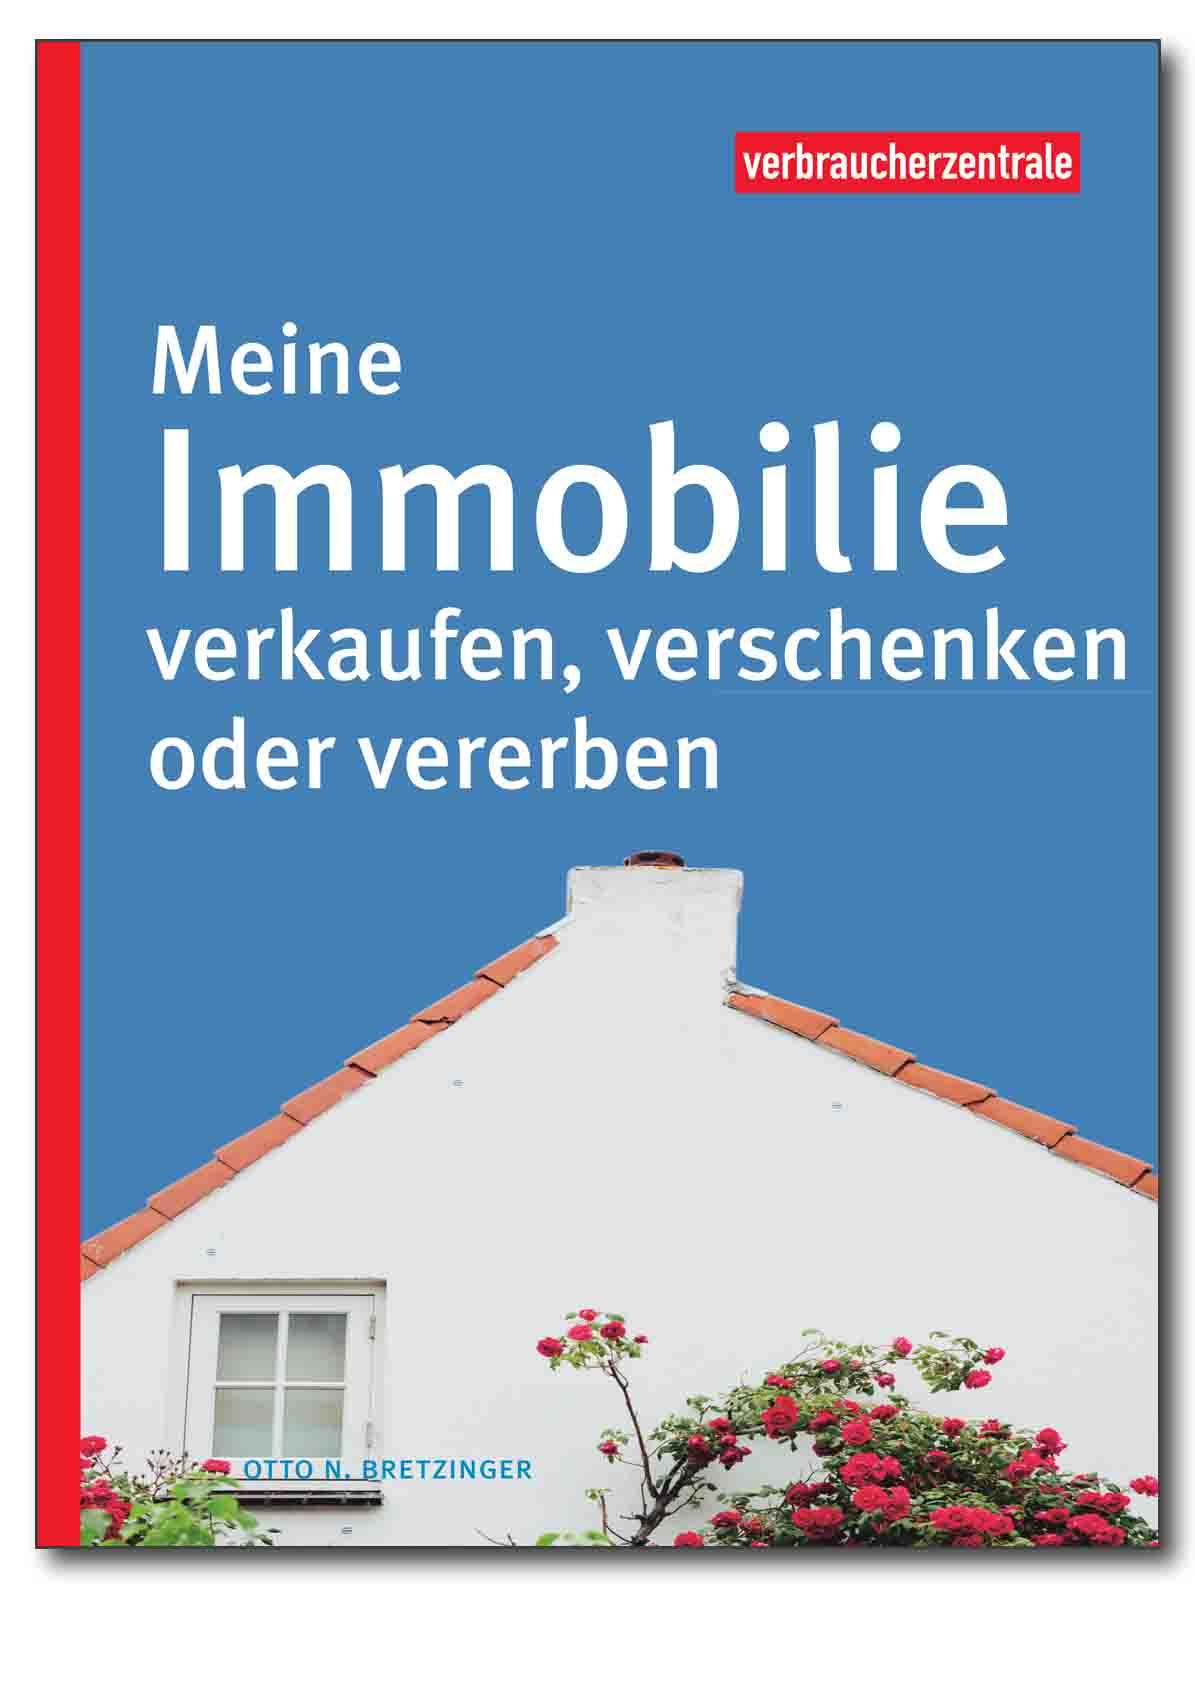 Buch - Meine Immobilie verkaufen, verschenken oder vererben - Verbraucherzentrale